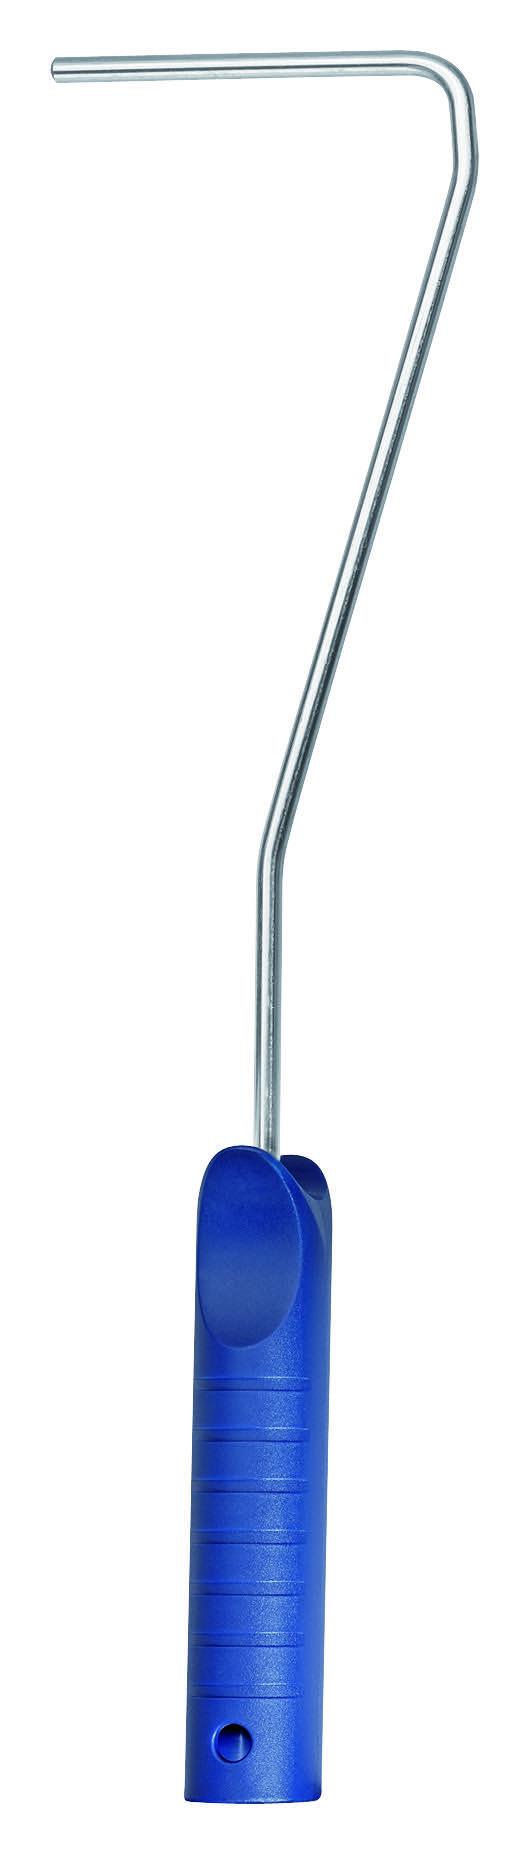 STORCH Standard-Aufsteck-Bügel Mit 6mm-Draht